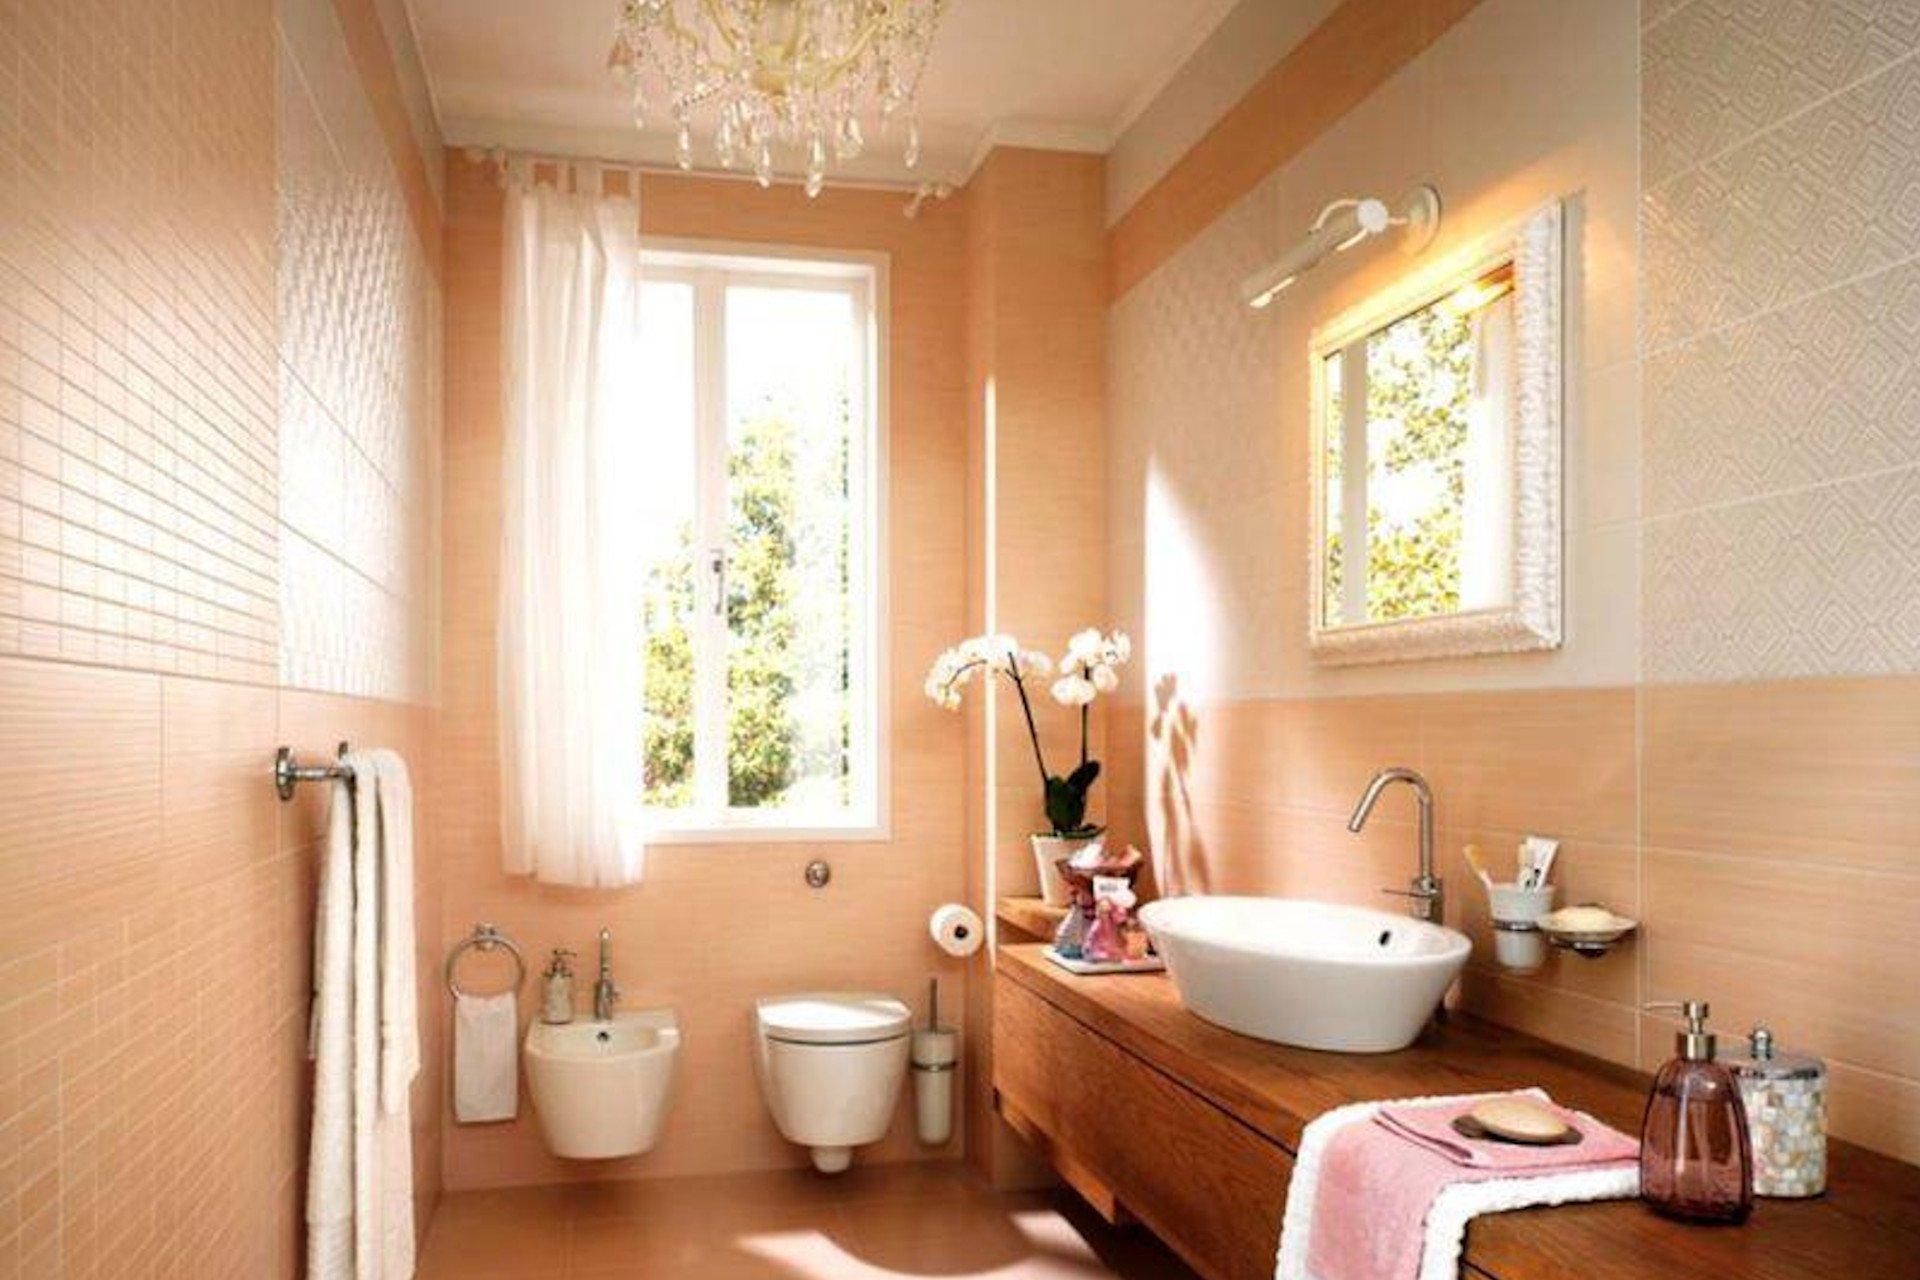 Idee Per Posizionare Mensole 6 idee salva spazio per un bagno piccolo - crumbs of life